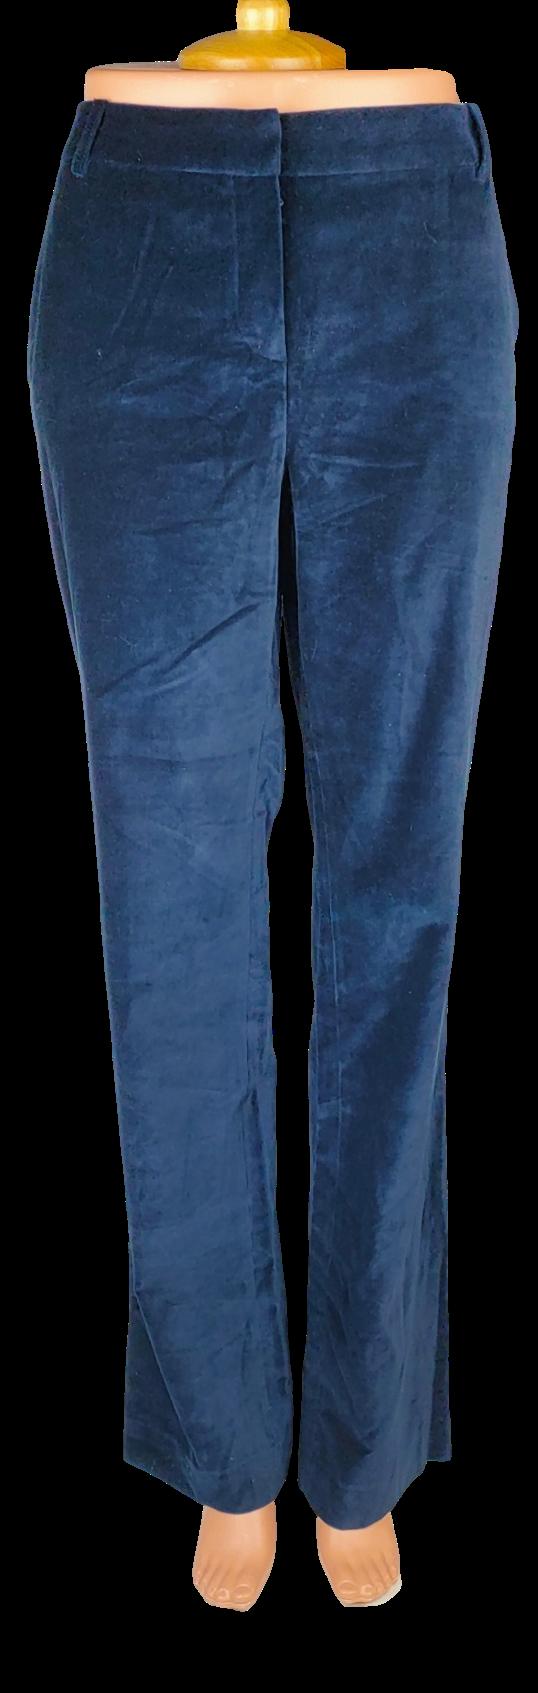 Pantalon Caroll - Taille 40